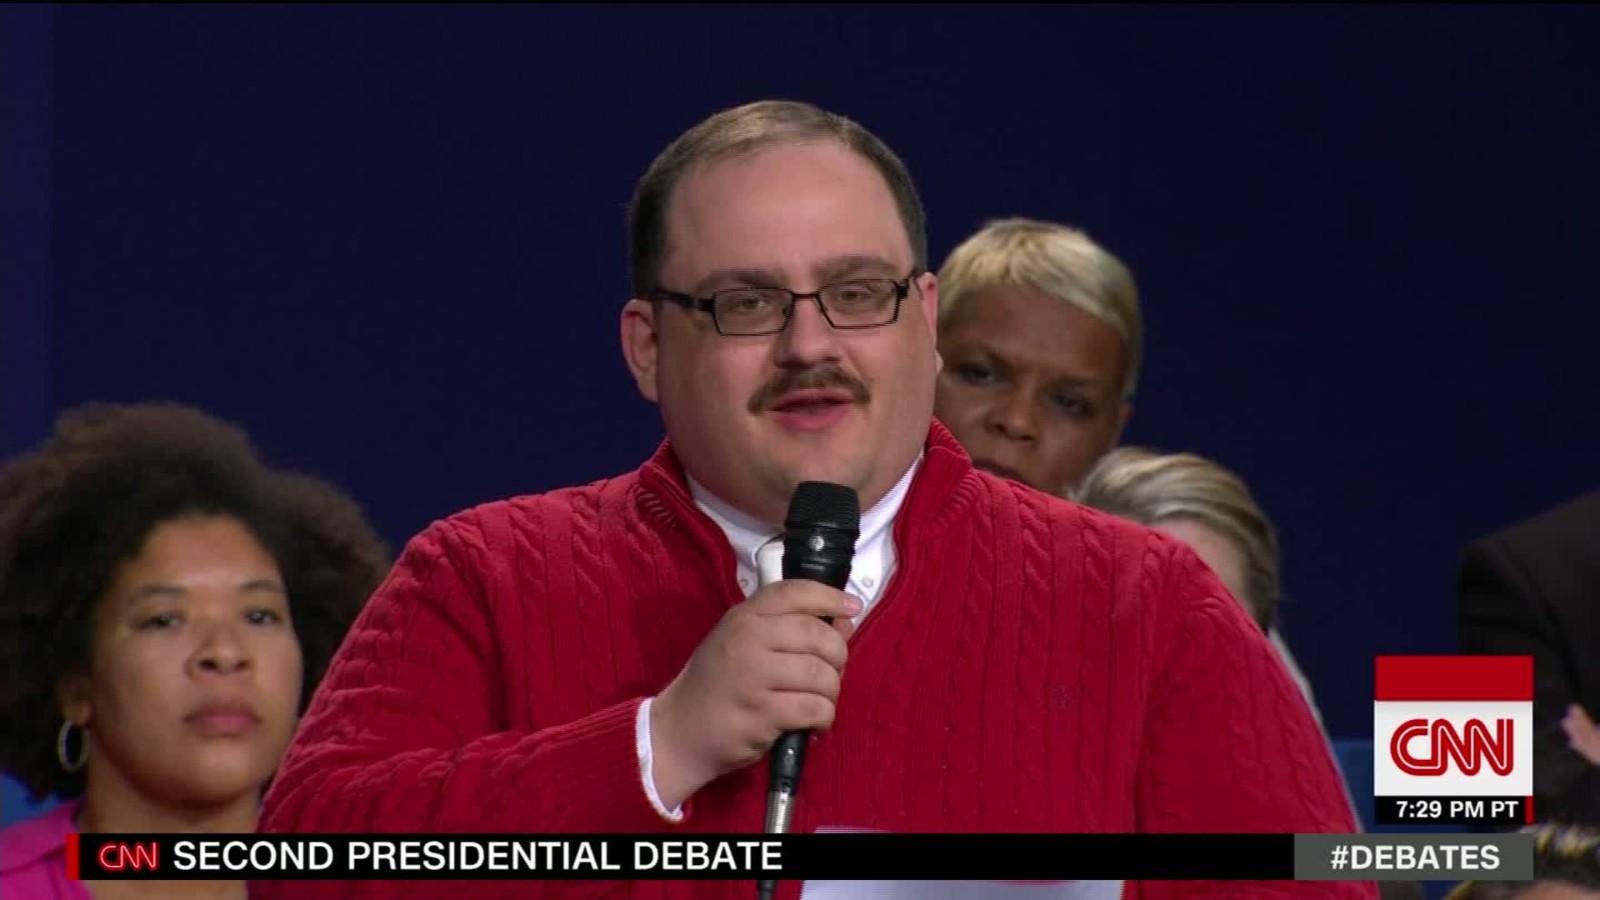 And the winner of the presidential debate is ken bone